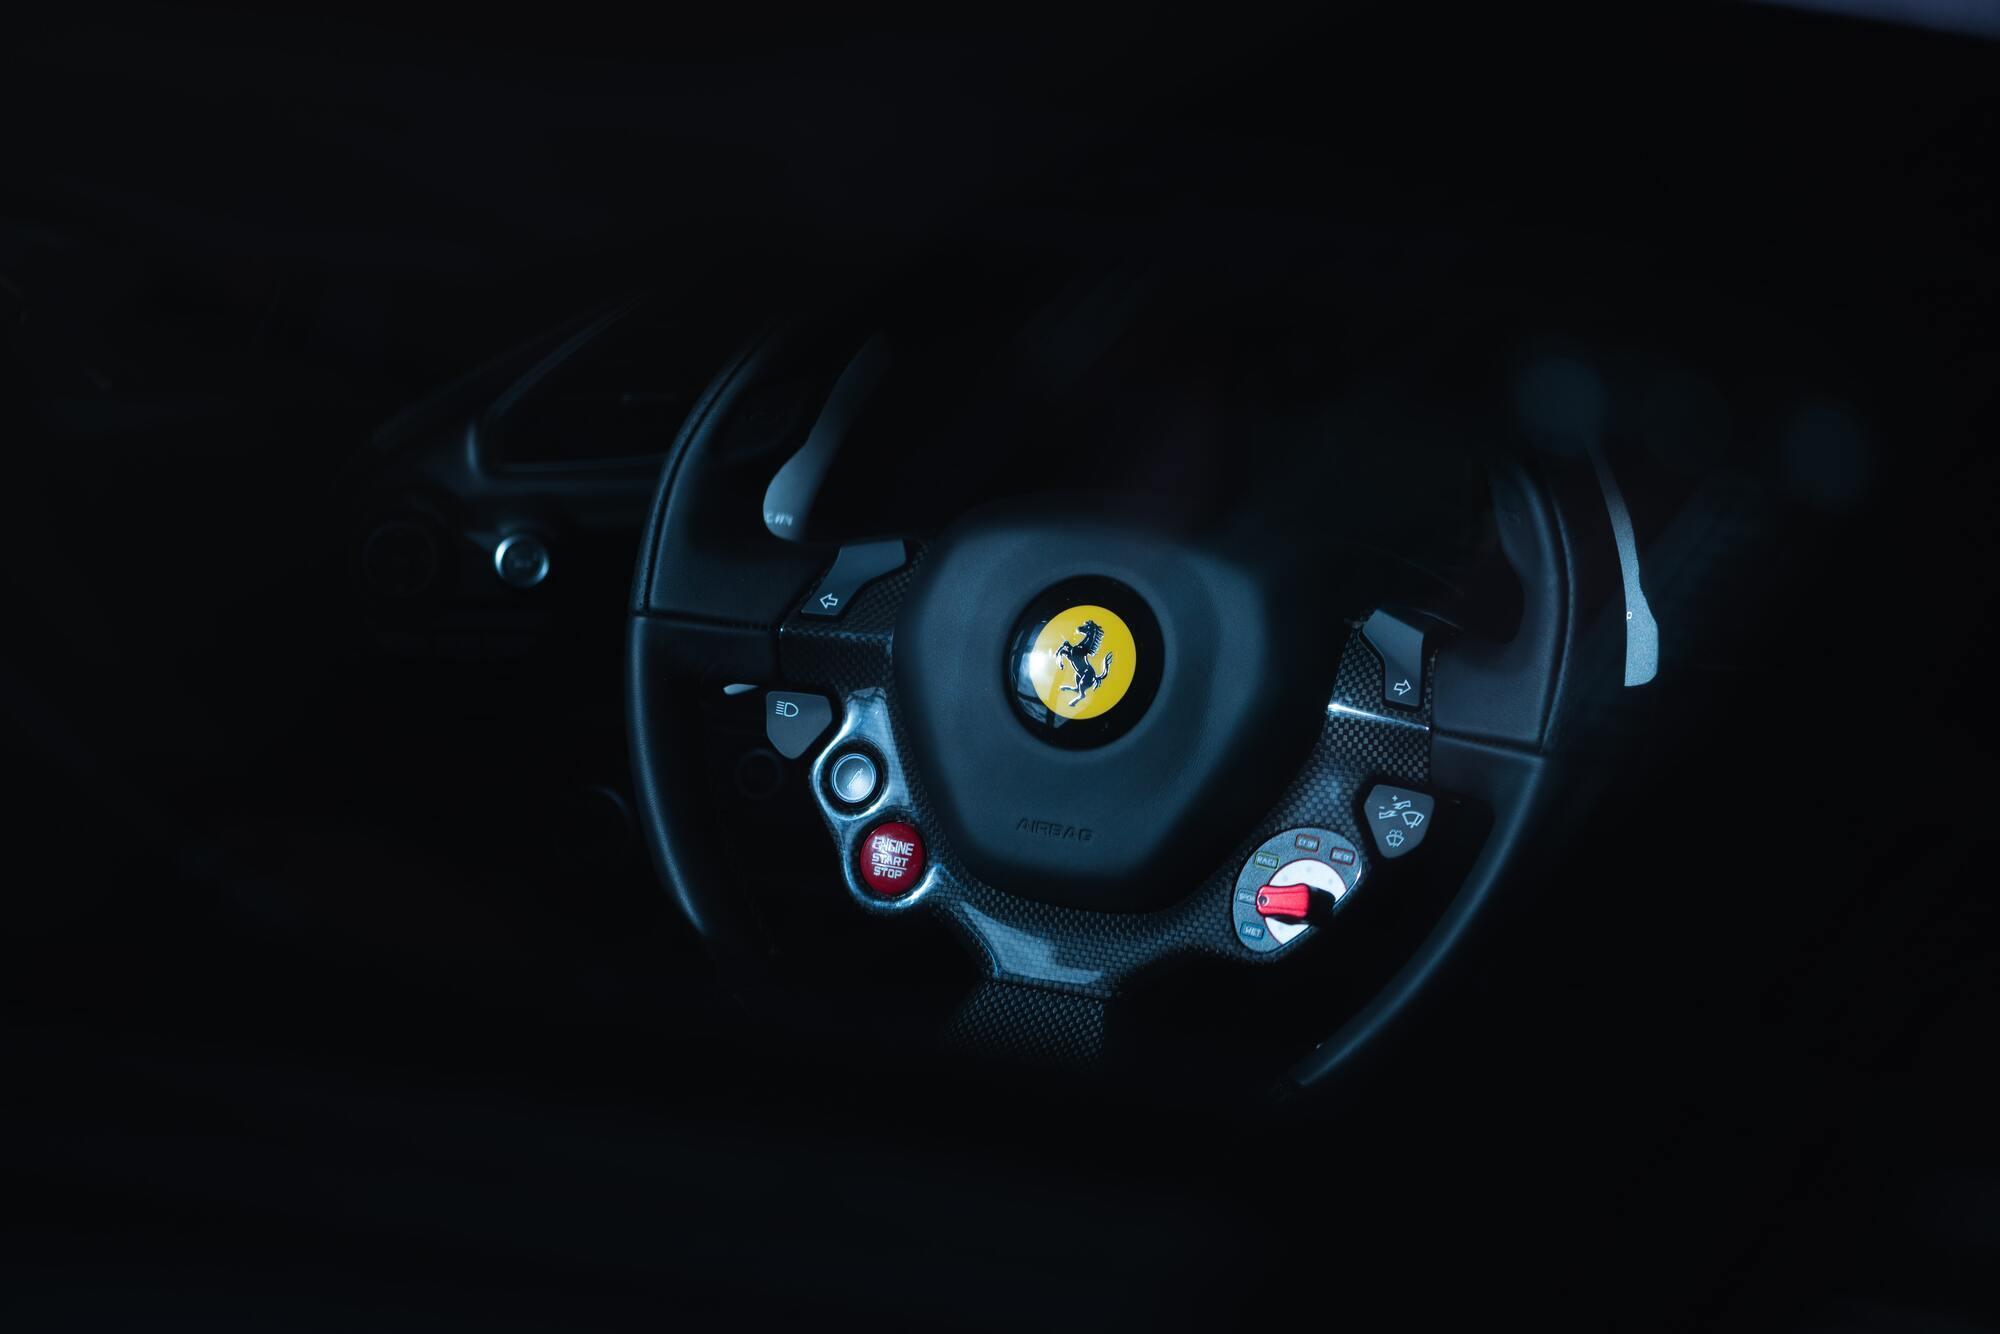 Логотип Ferrari впервые появился именно на гоночных автомобилях Scuderia Ferrari